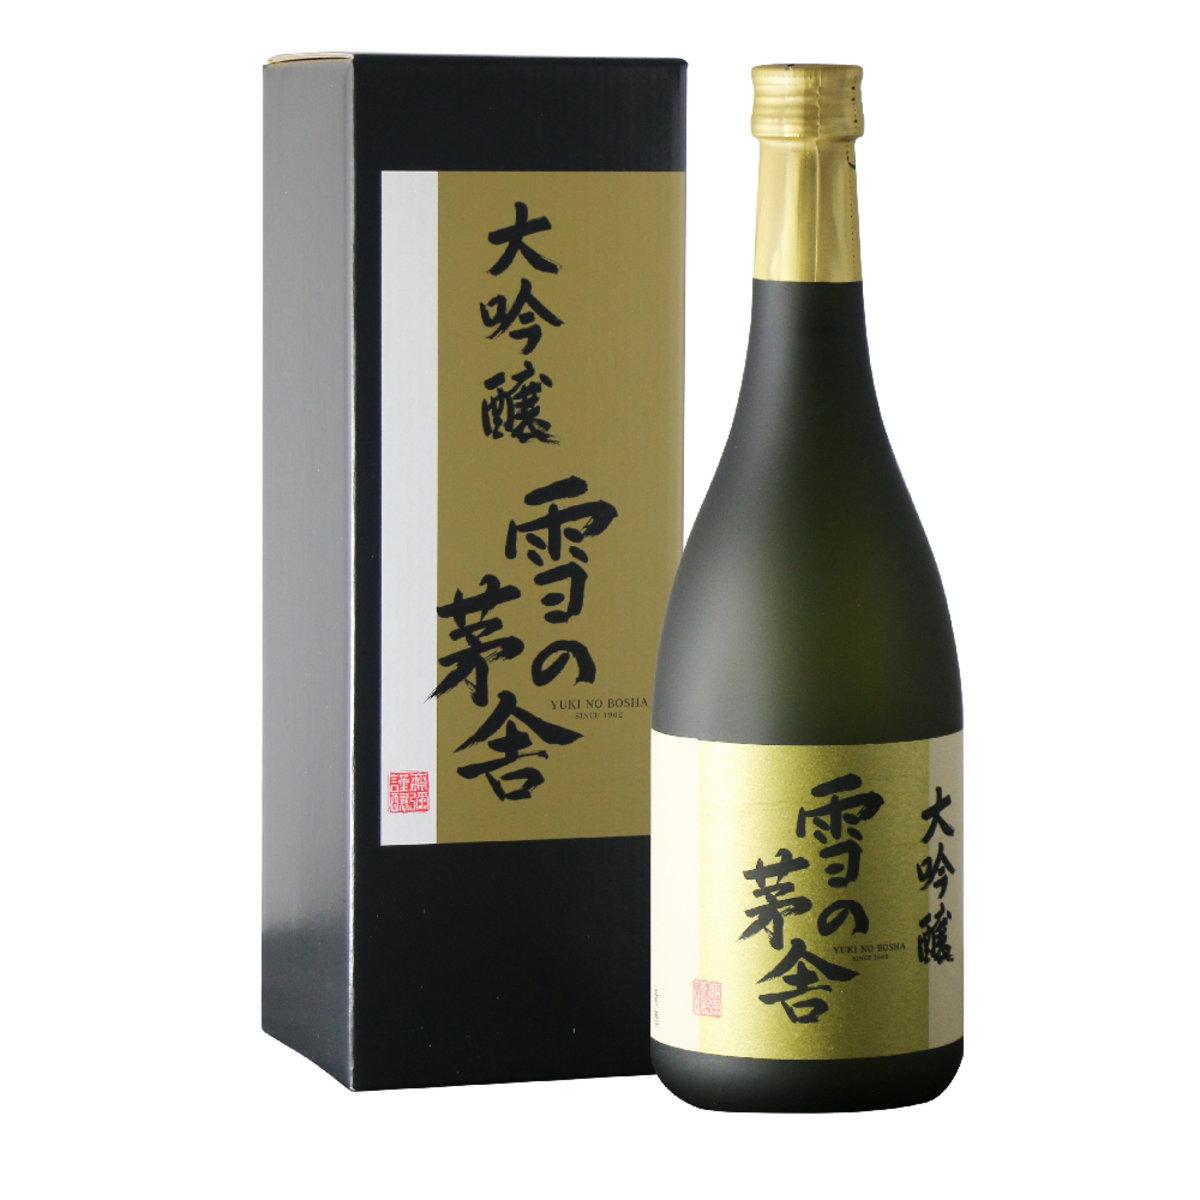 大吟釀(無濾過原酒), 720ml